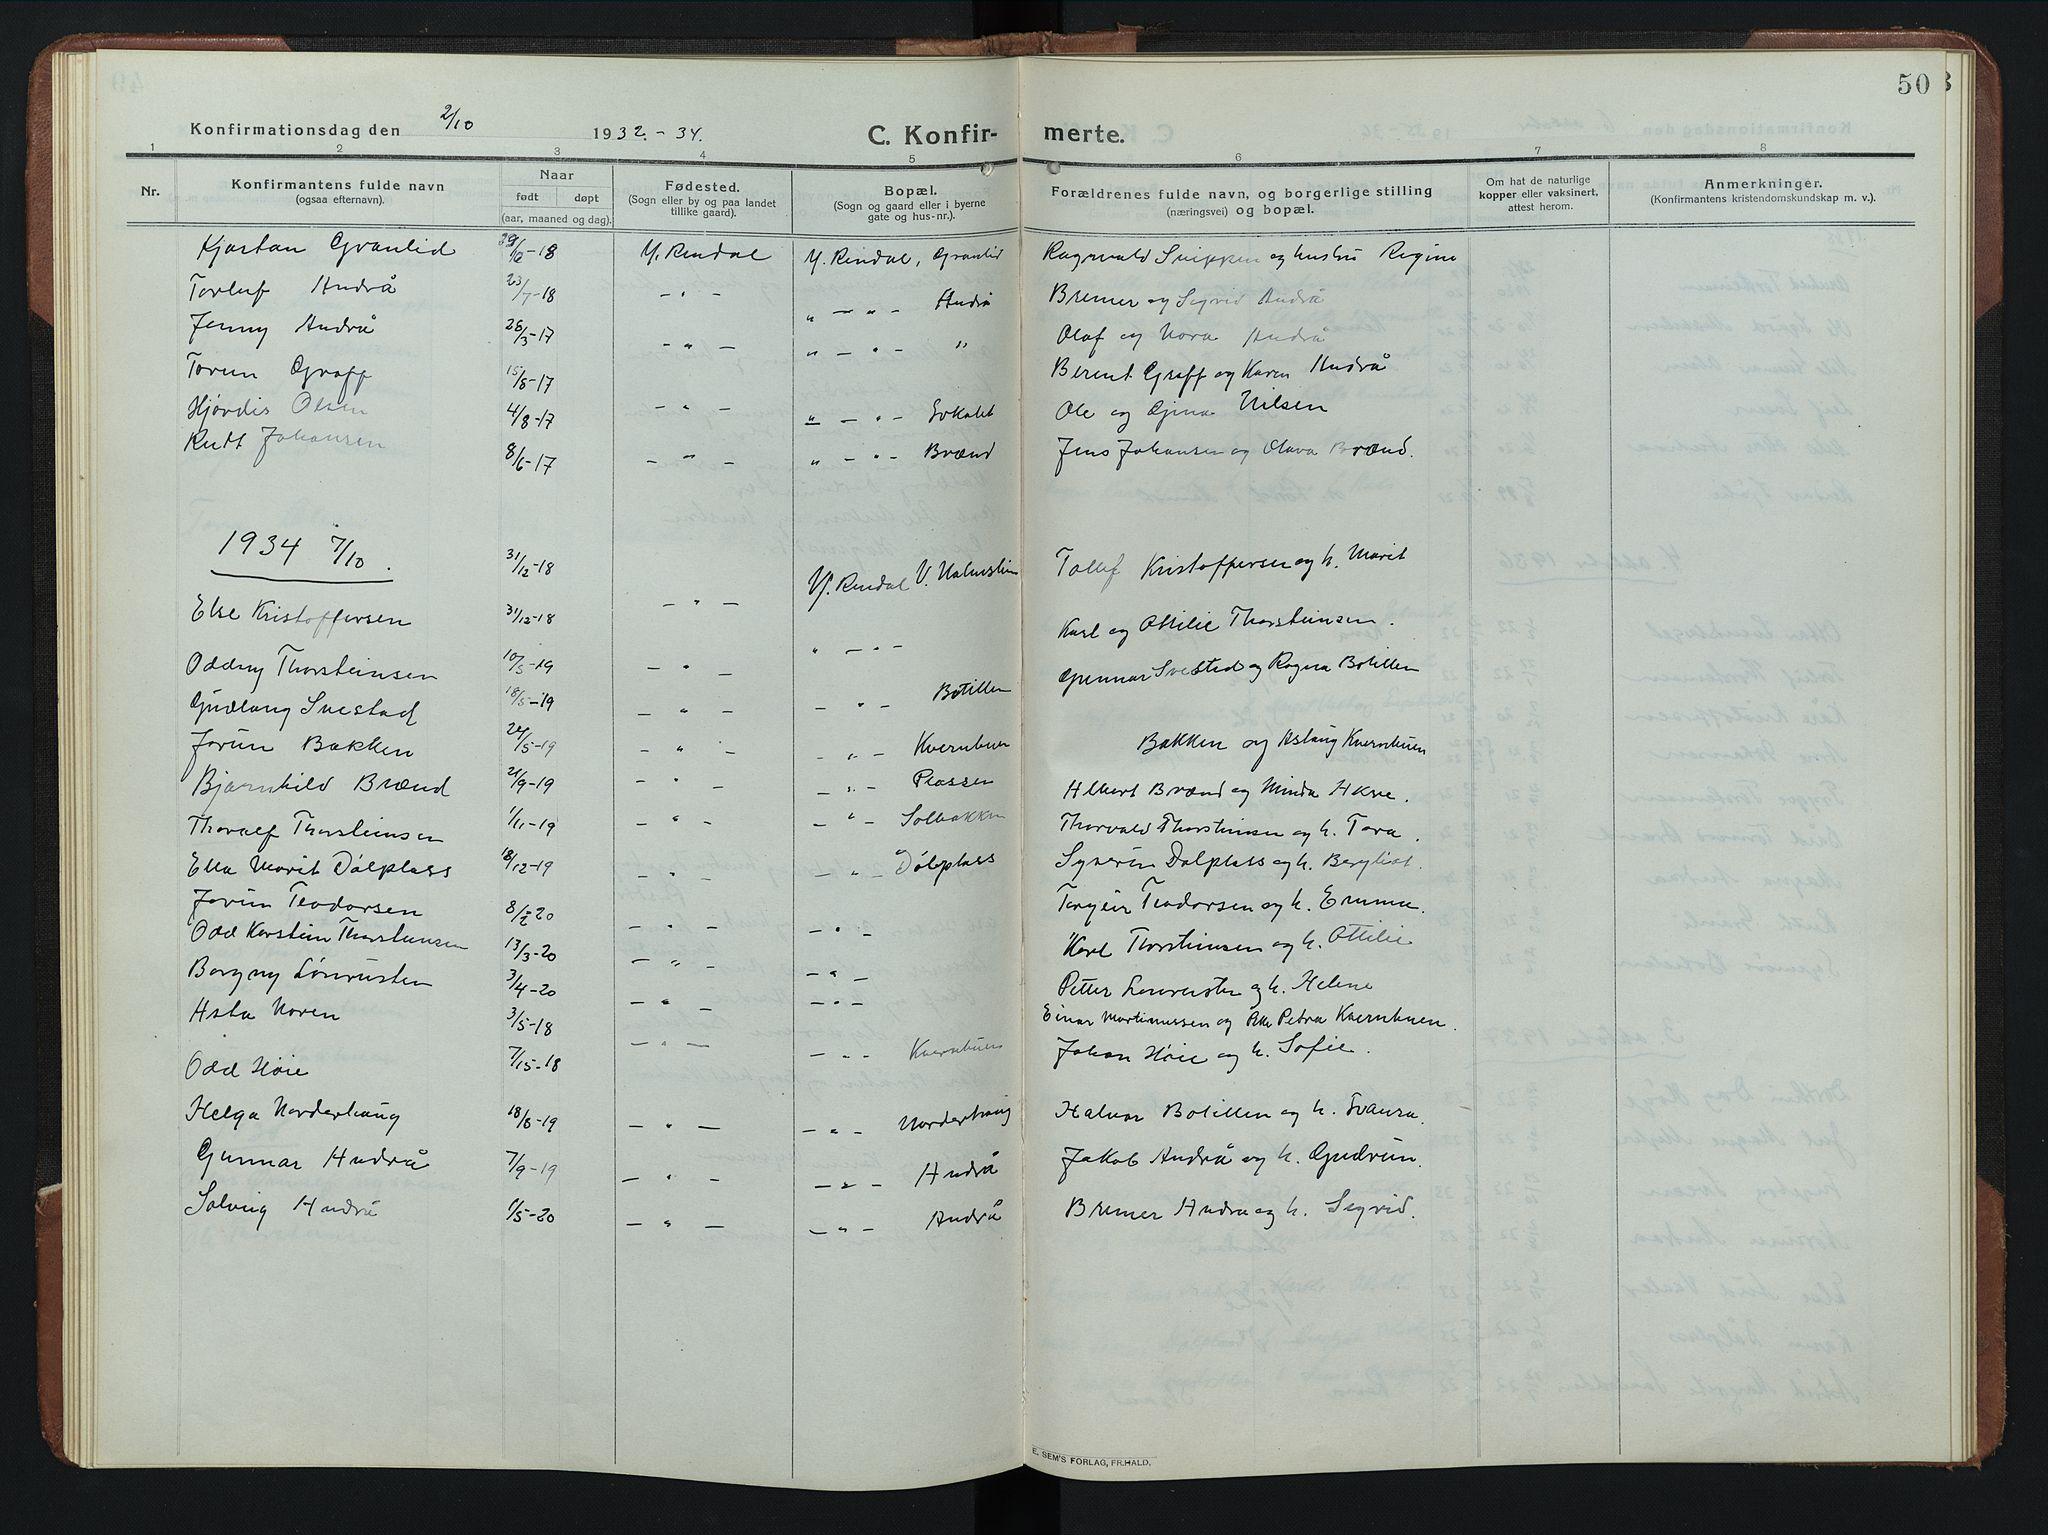 SAH, Rendalen prestekontor, H/Ha/Hab/L0008: Klokkerbok nr. 8, 1914-1948, s. 50